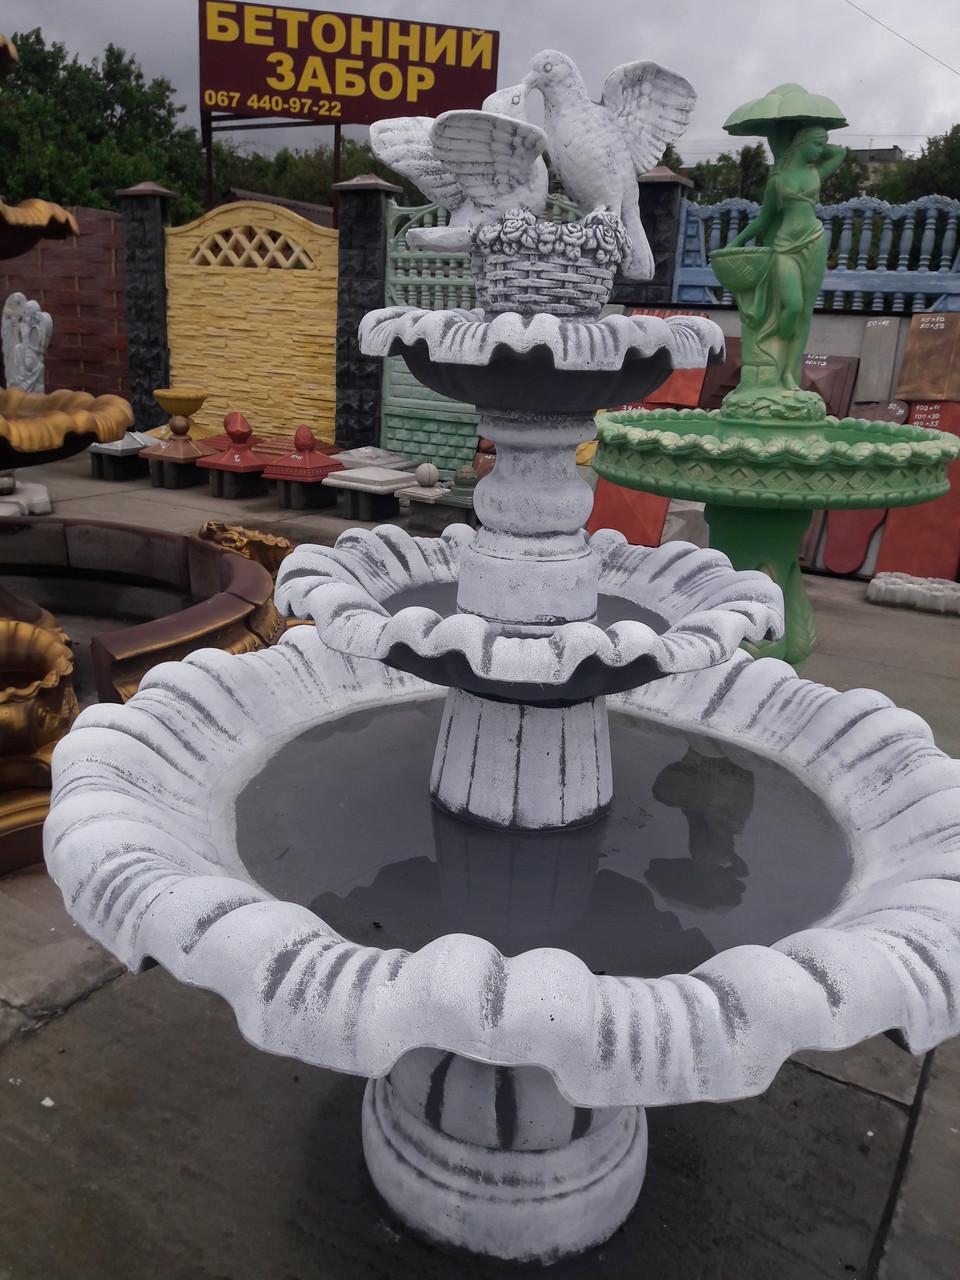 куплю садовый фонтан из бетона